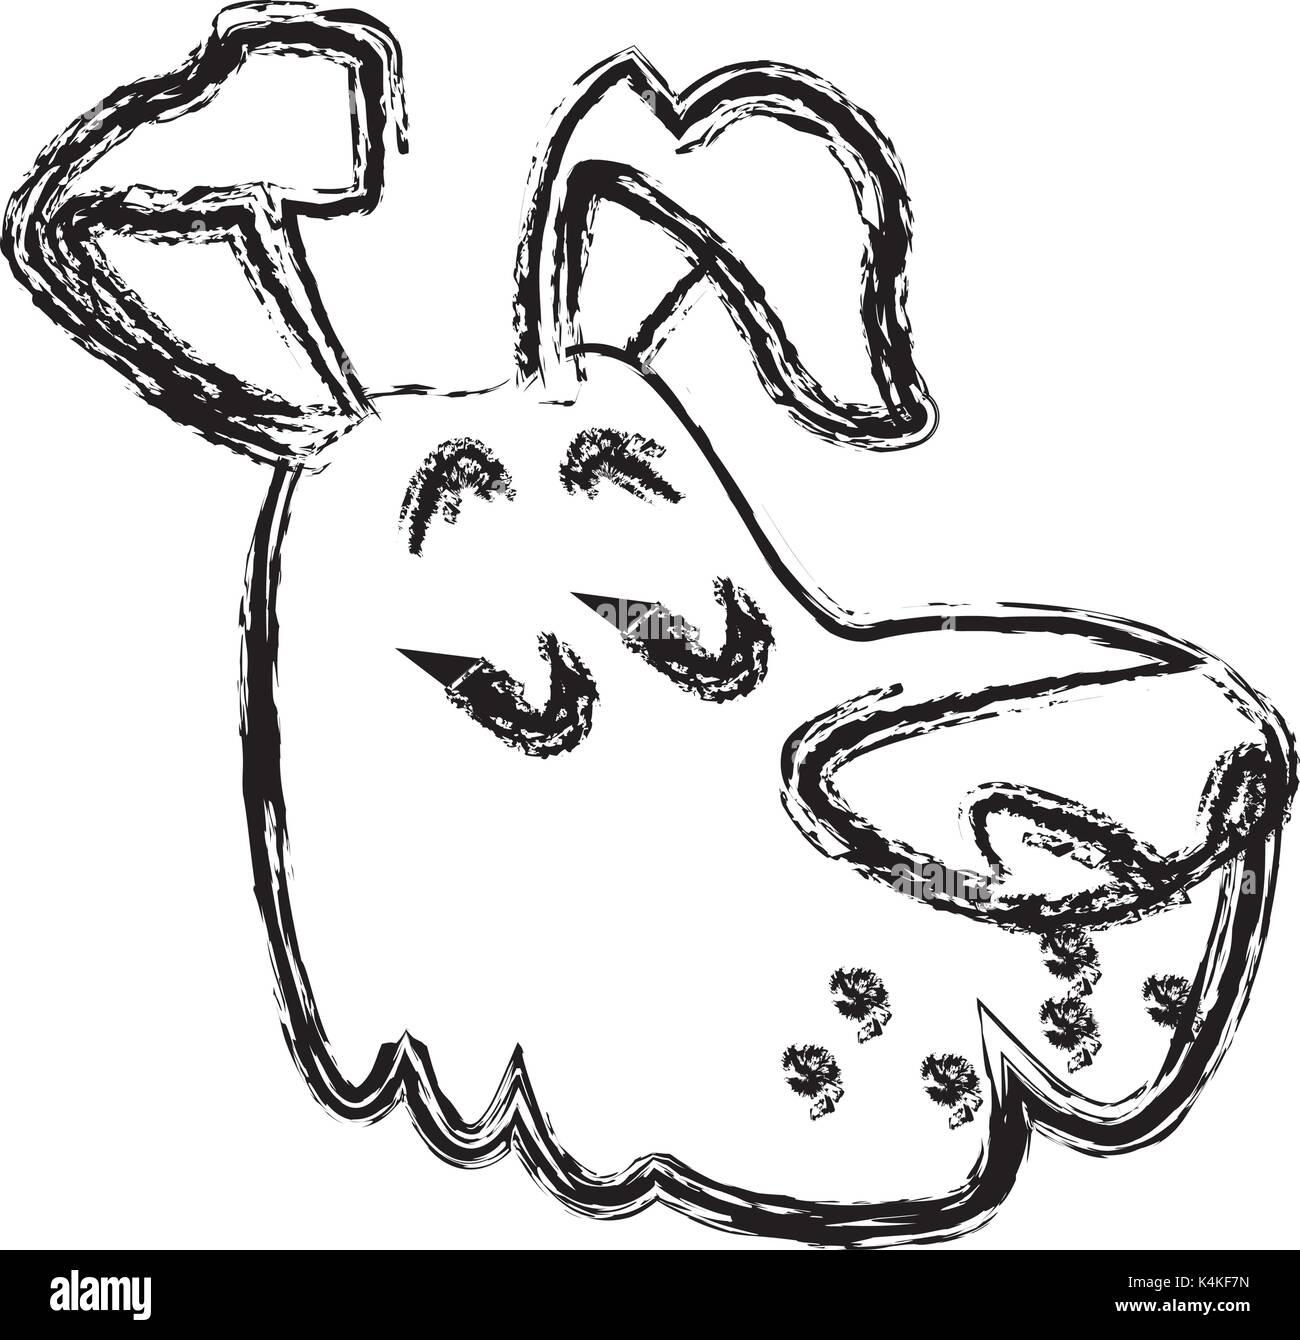 Dog pet cartoon - Stock Image